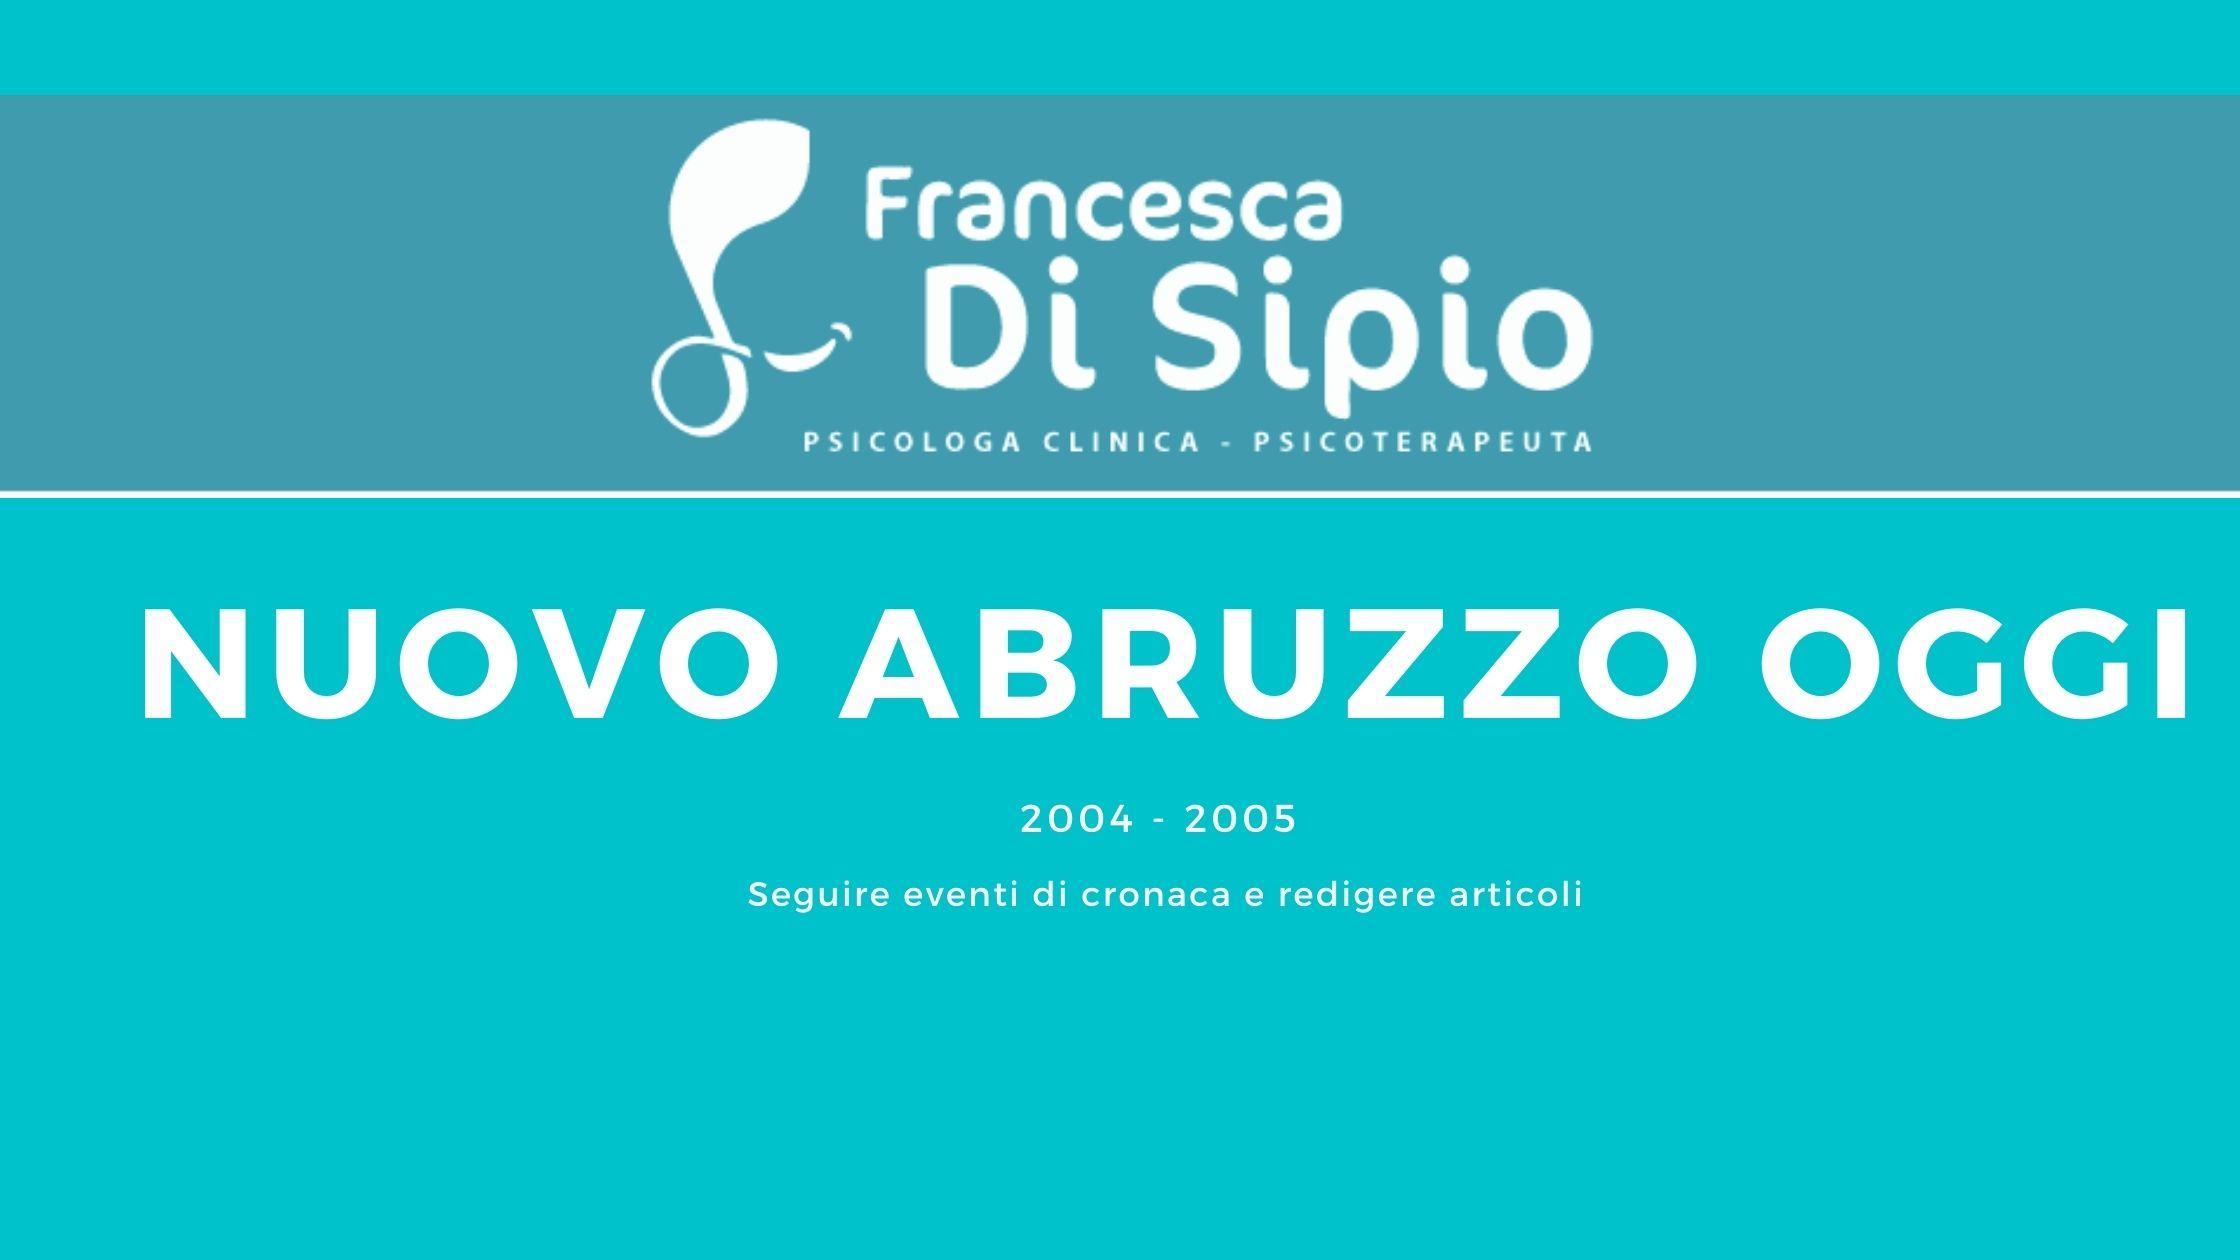 Nuovo Abruzzo Oggi